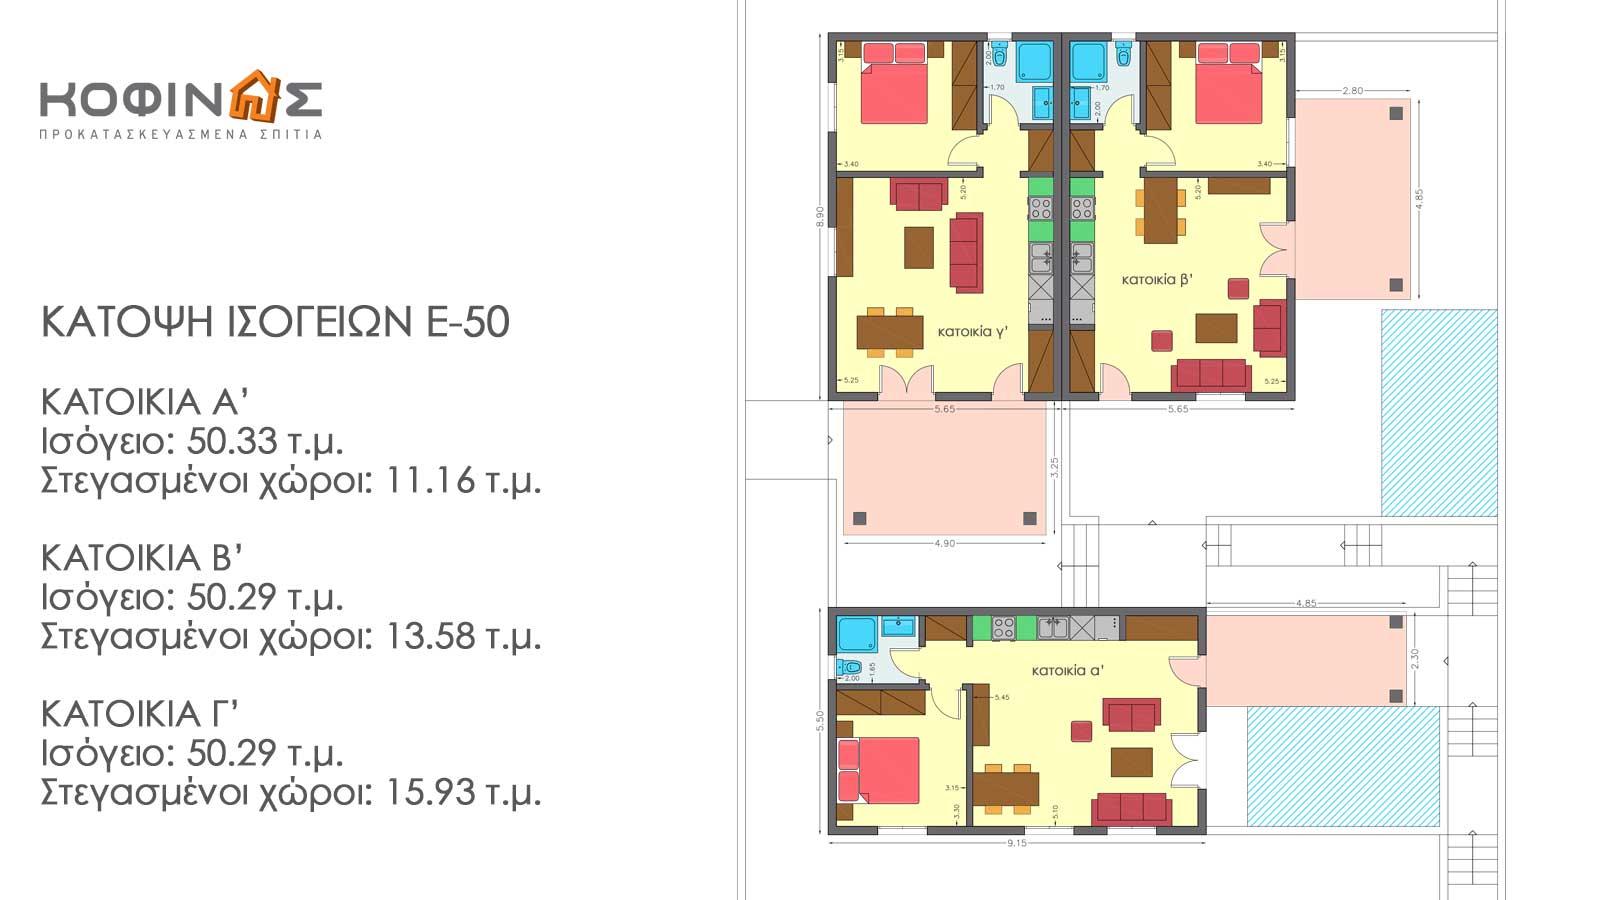 Συγκρότημα Κατοικιών E-50, συνολικής επιφάνειας 3 x 50,30 = 150,90 τ.μ.